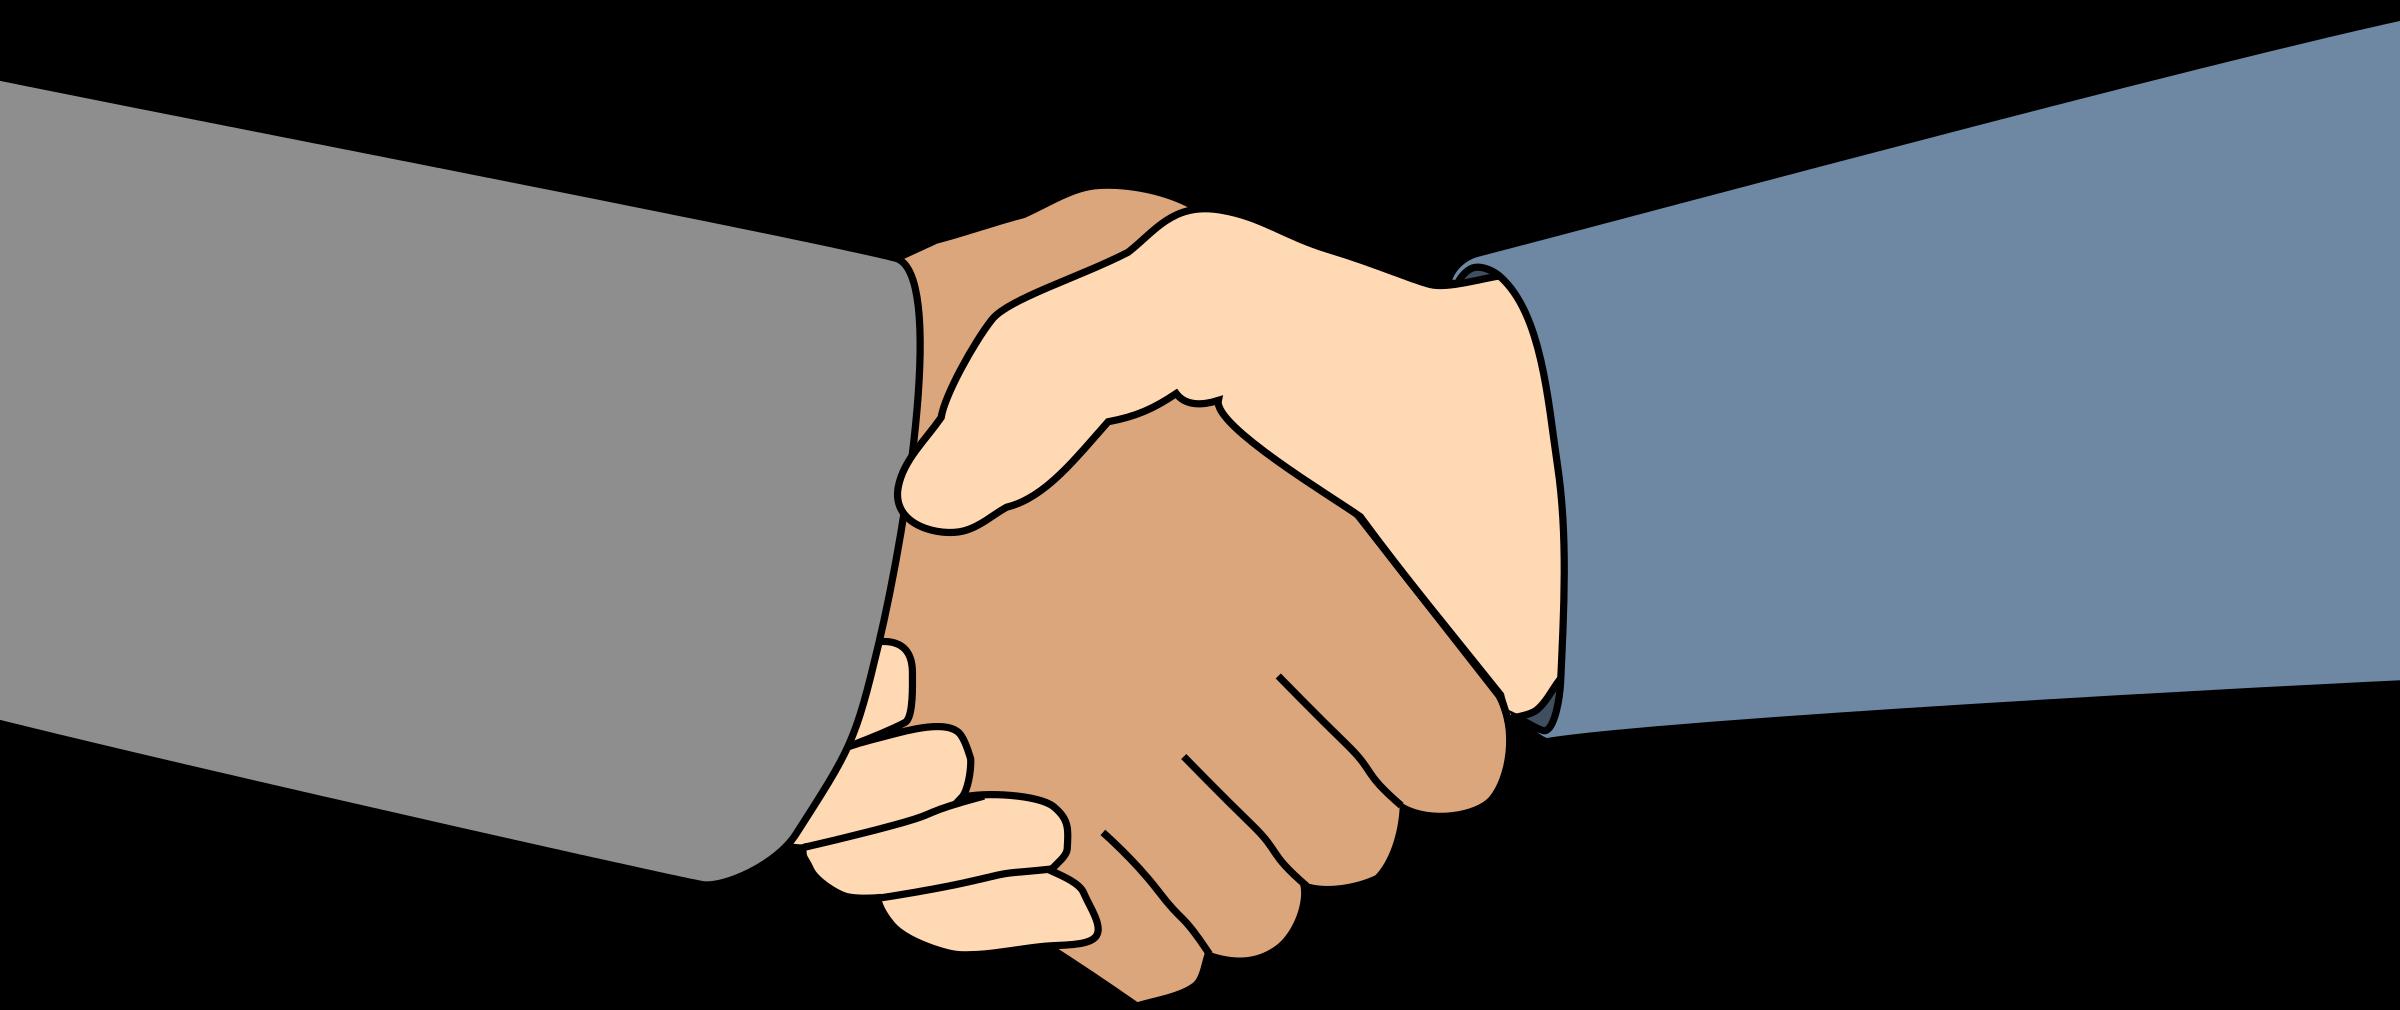 Handshake-handshake-13